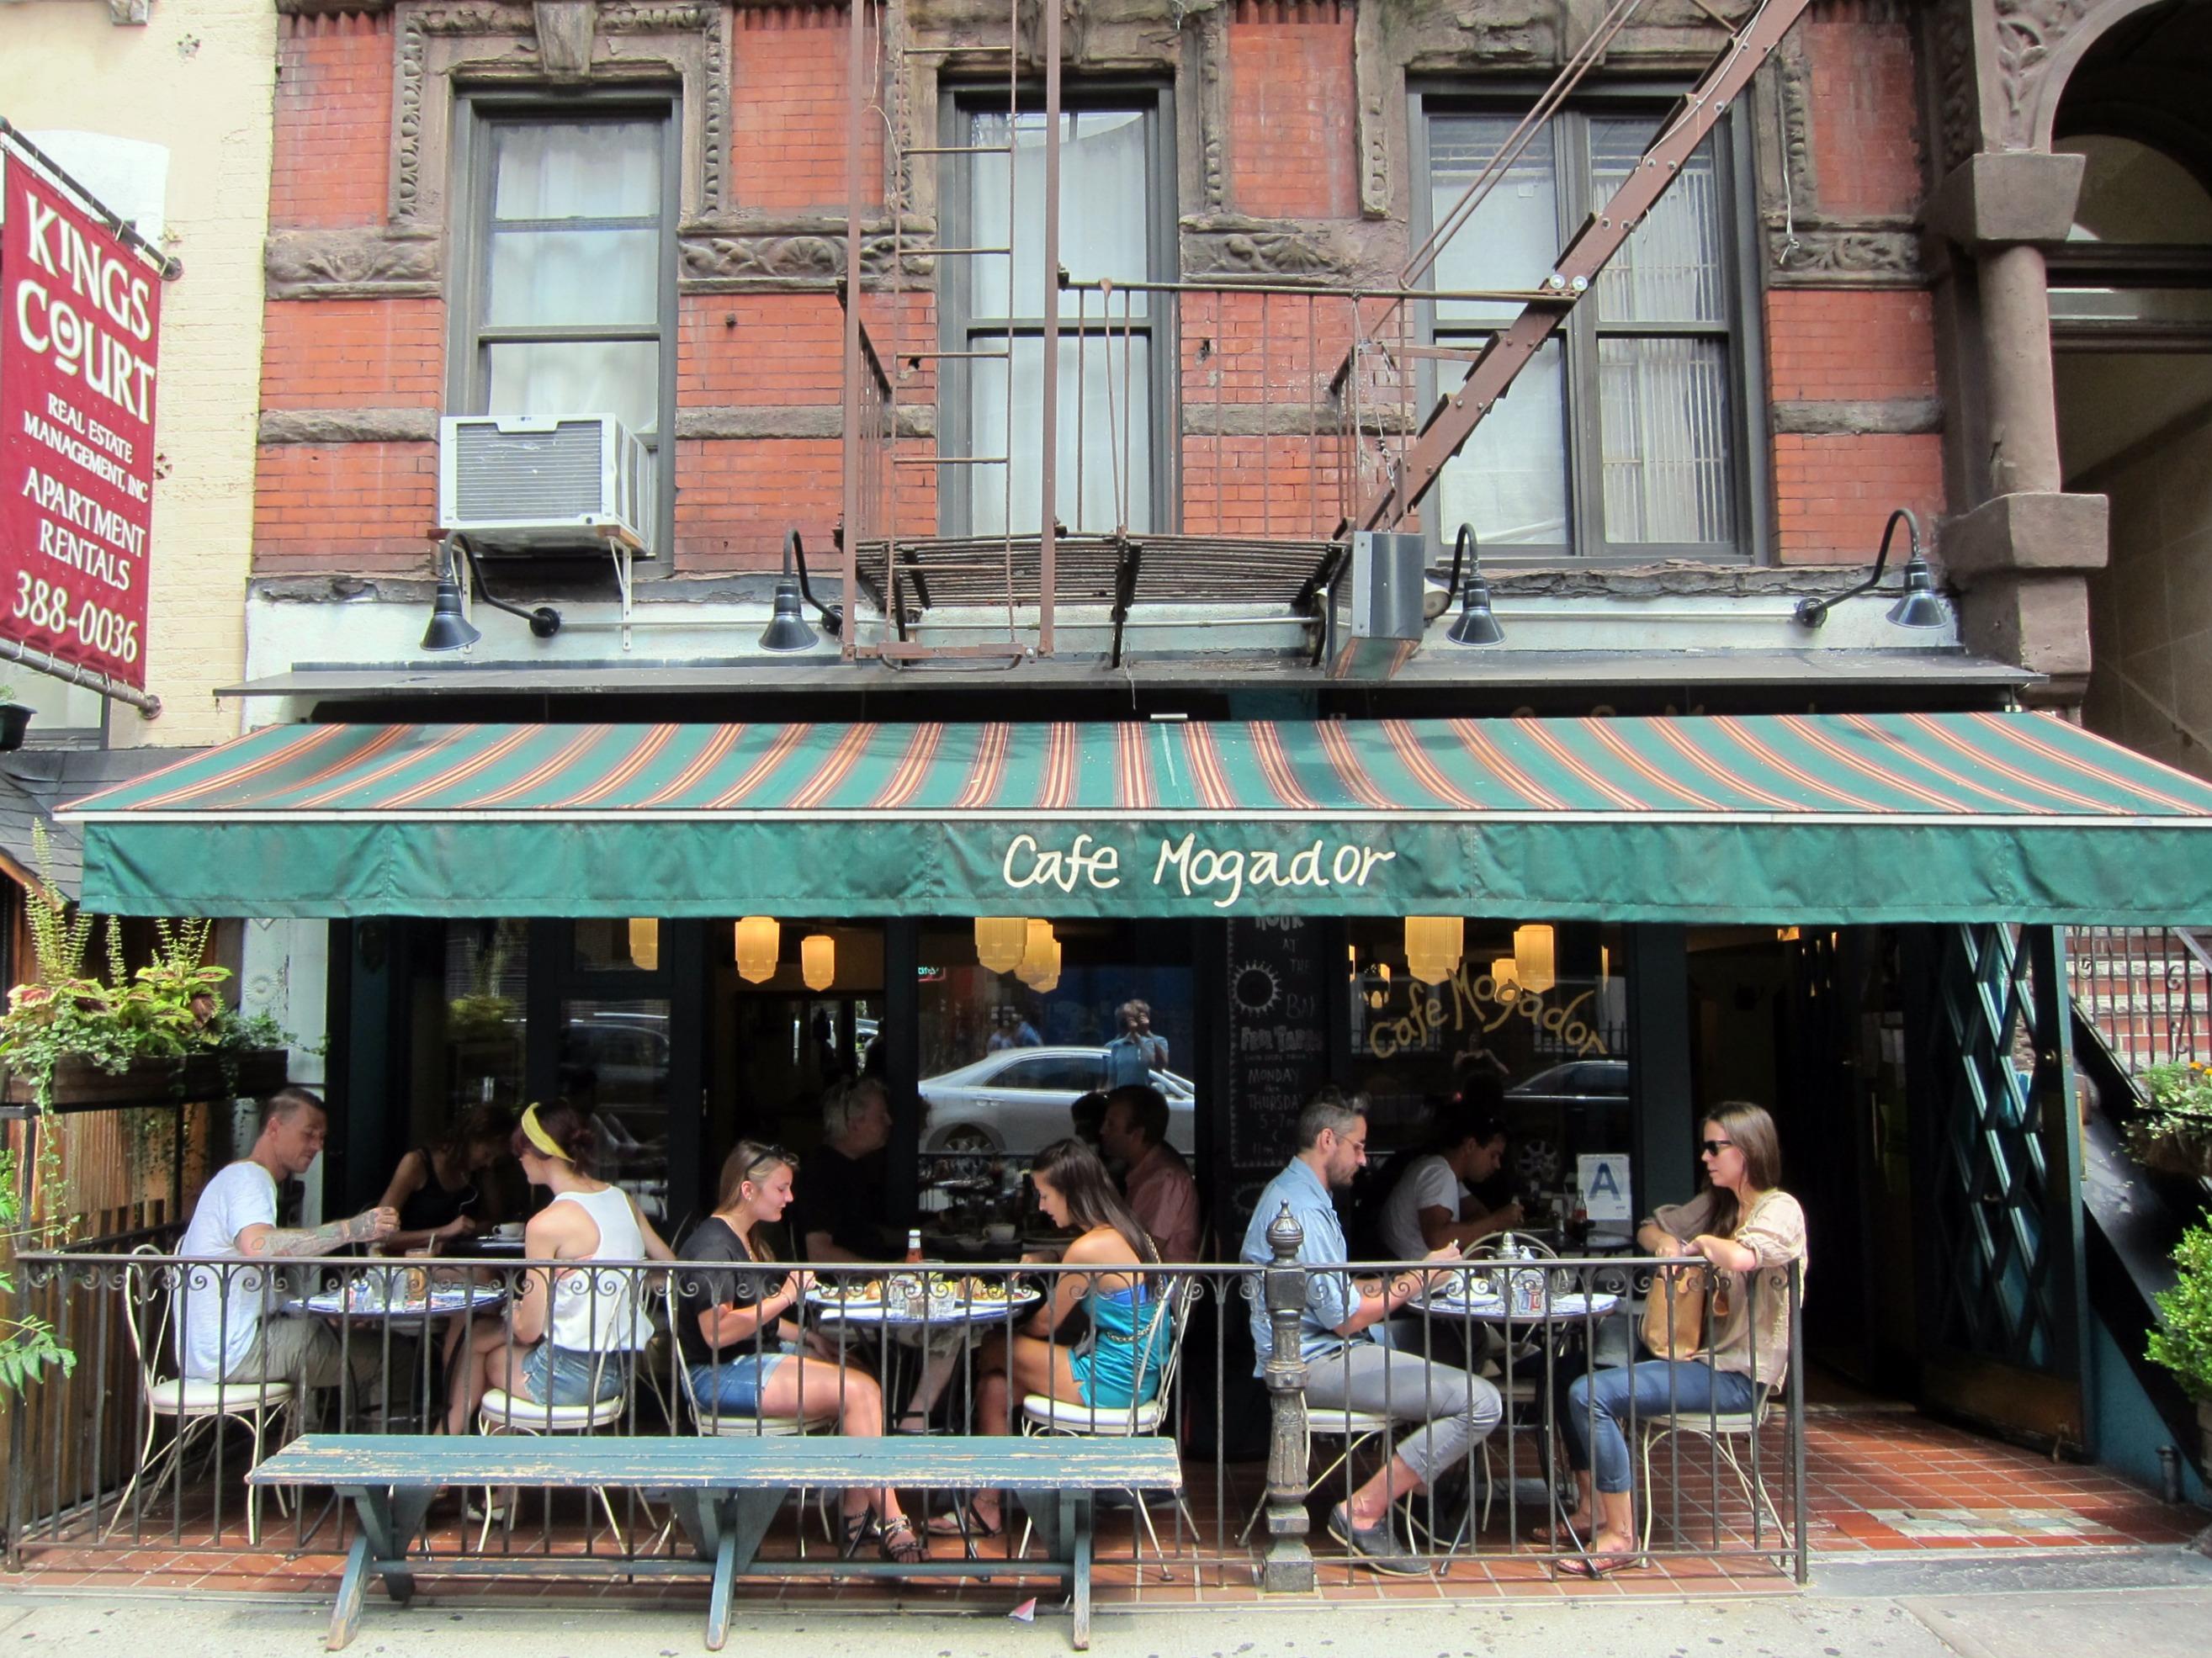 Cafe Mogador New York Restaurant